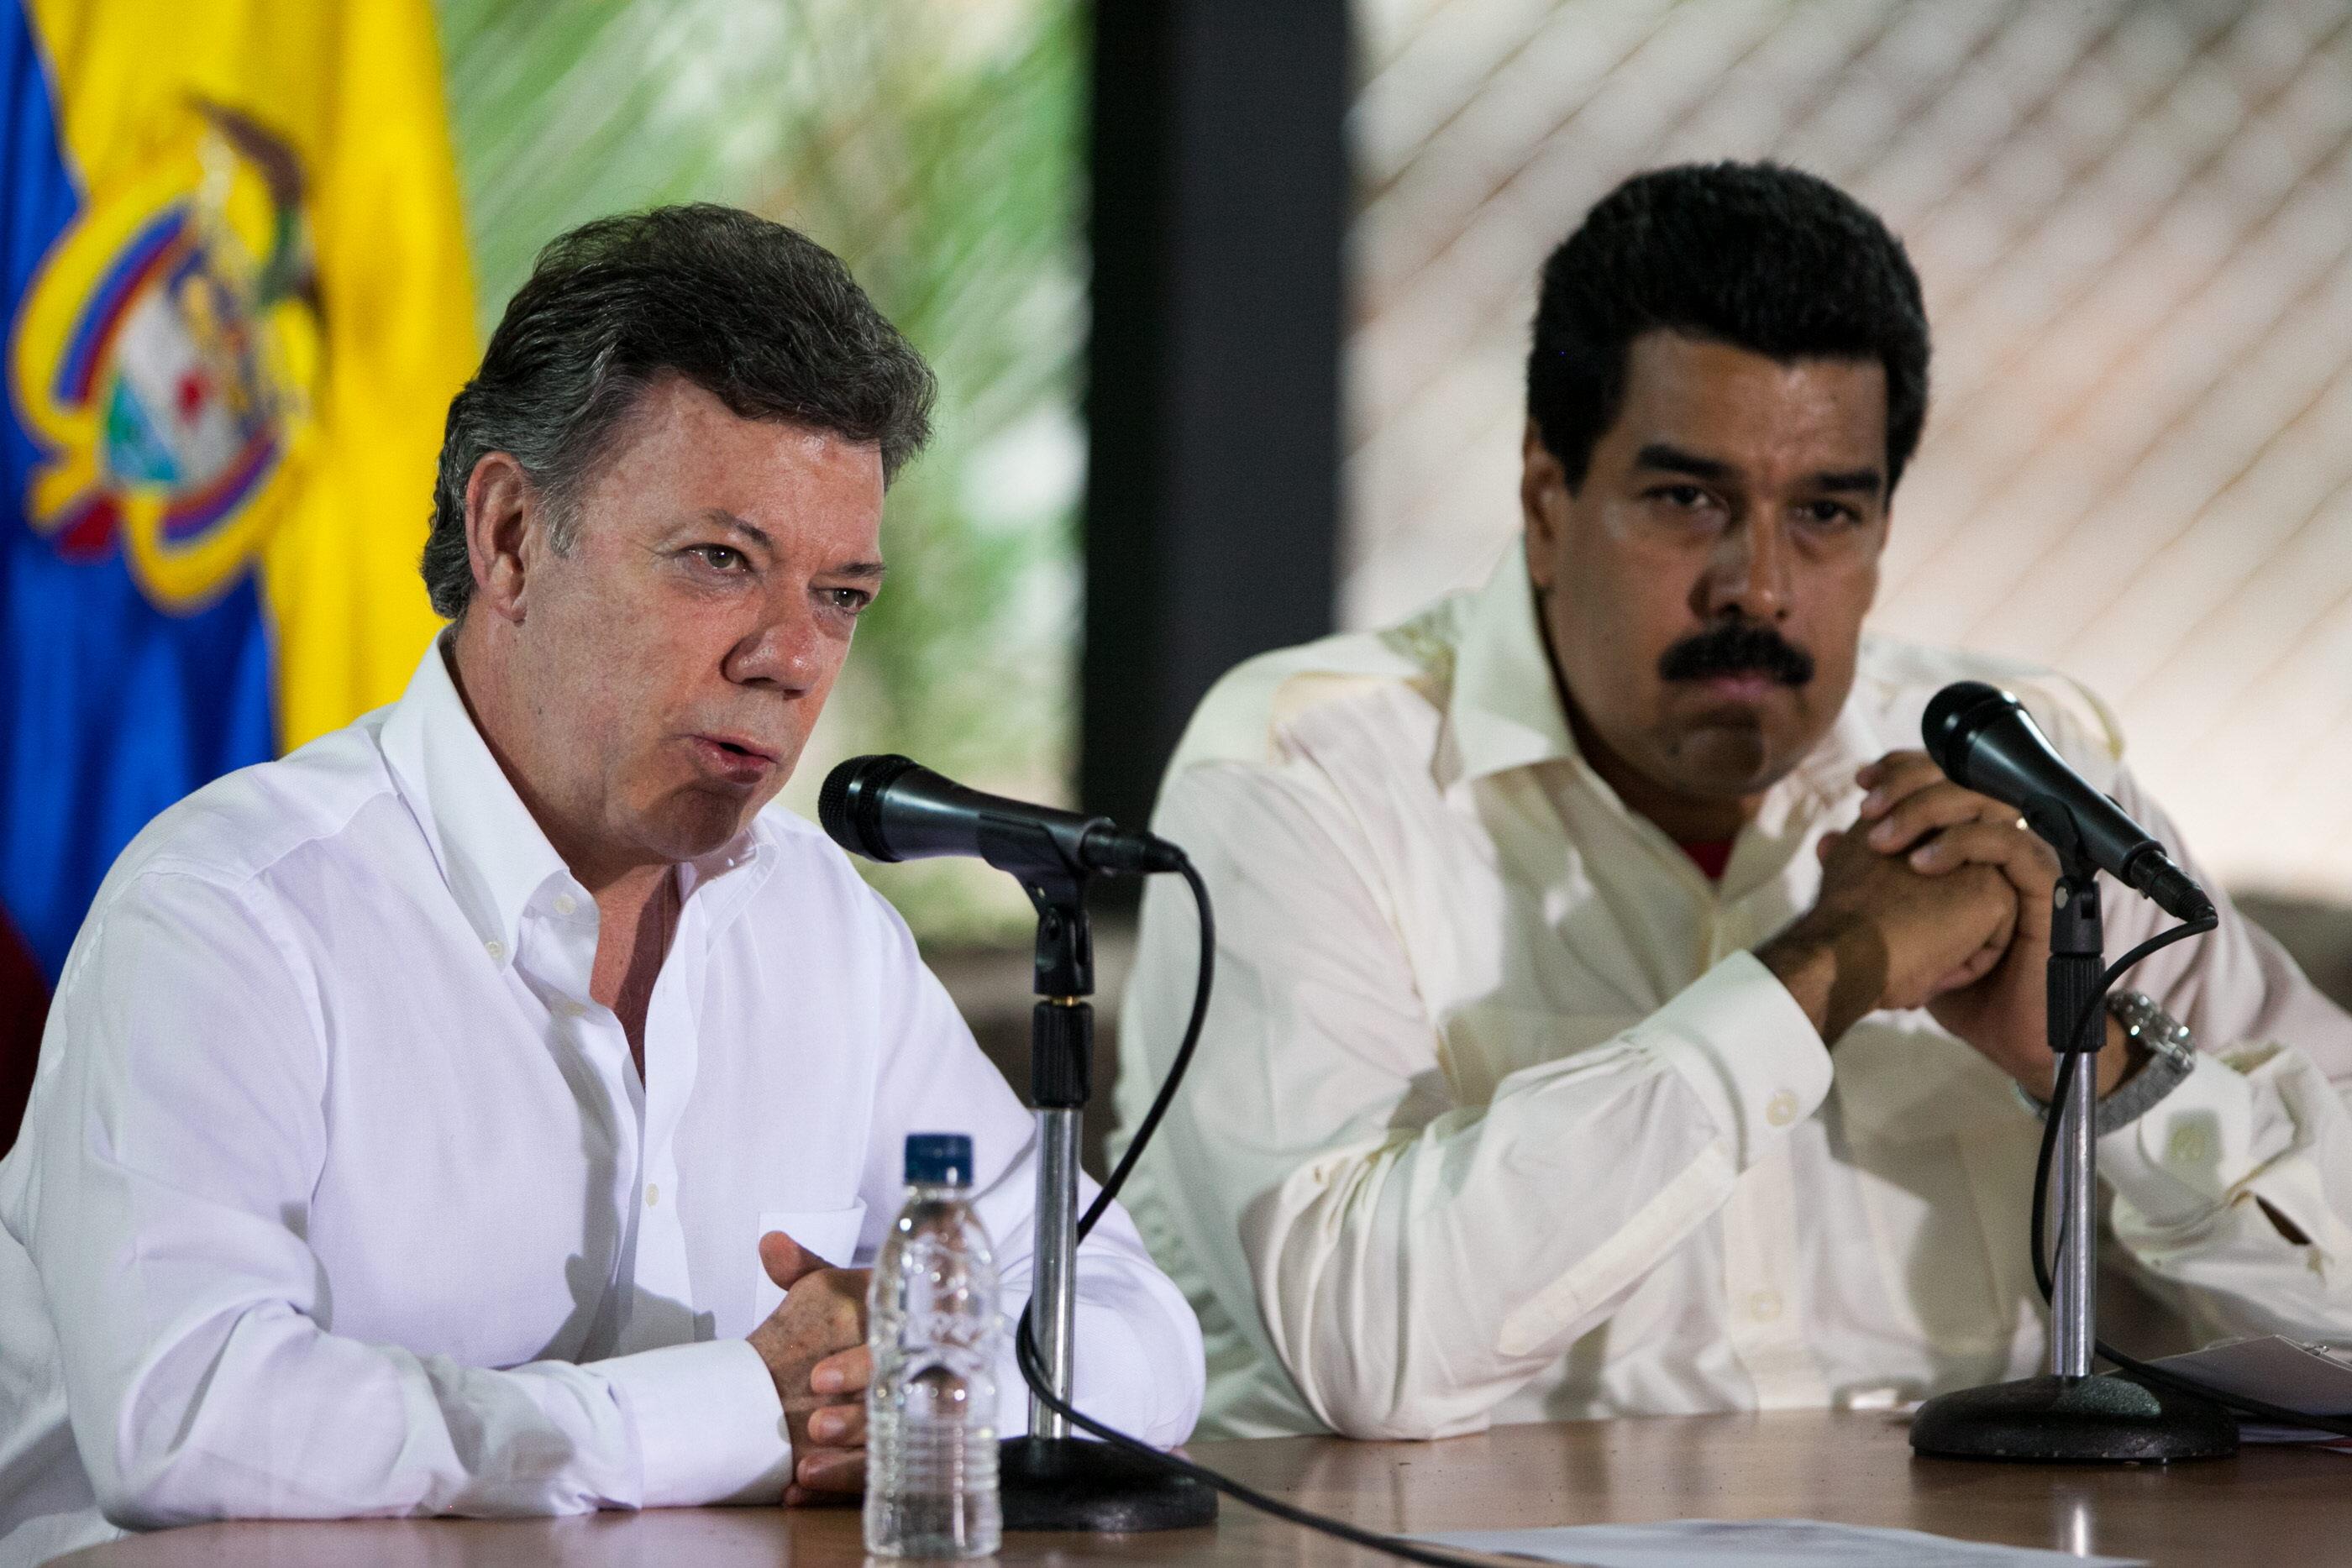 Venezuela compra 600 millones de dólares en productos a Colombia para combatir escasez